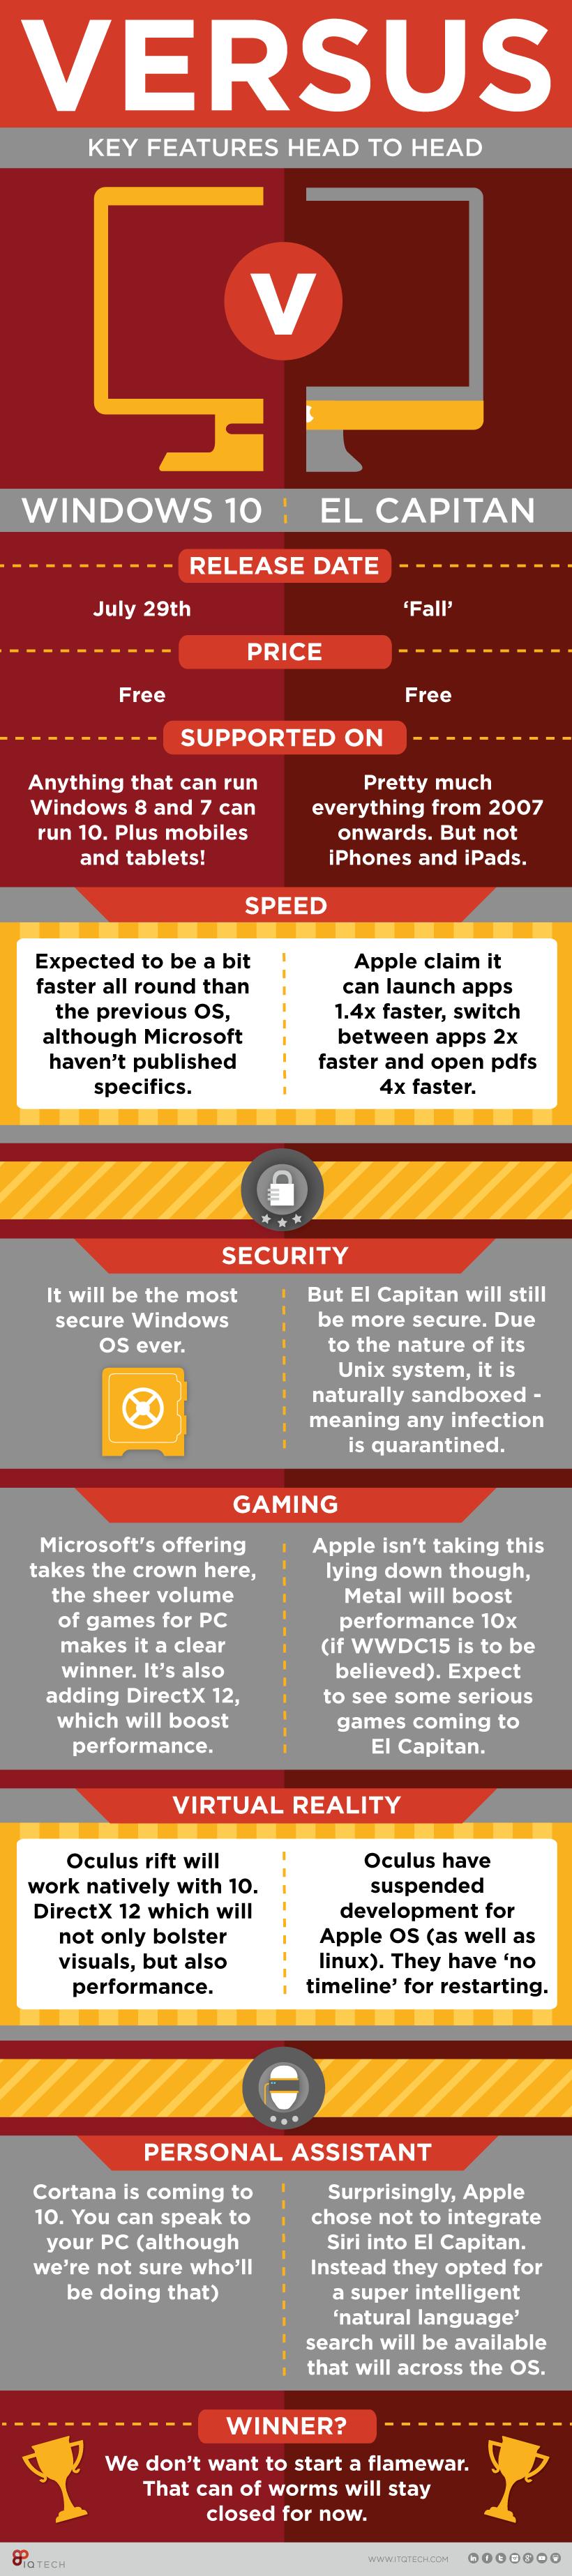 Windows 10 vs OS X El Capitan